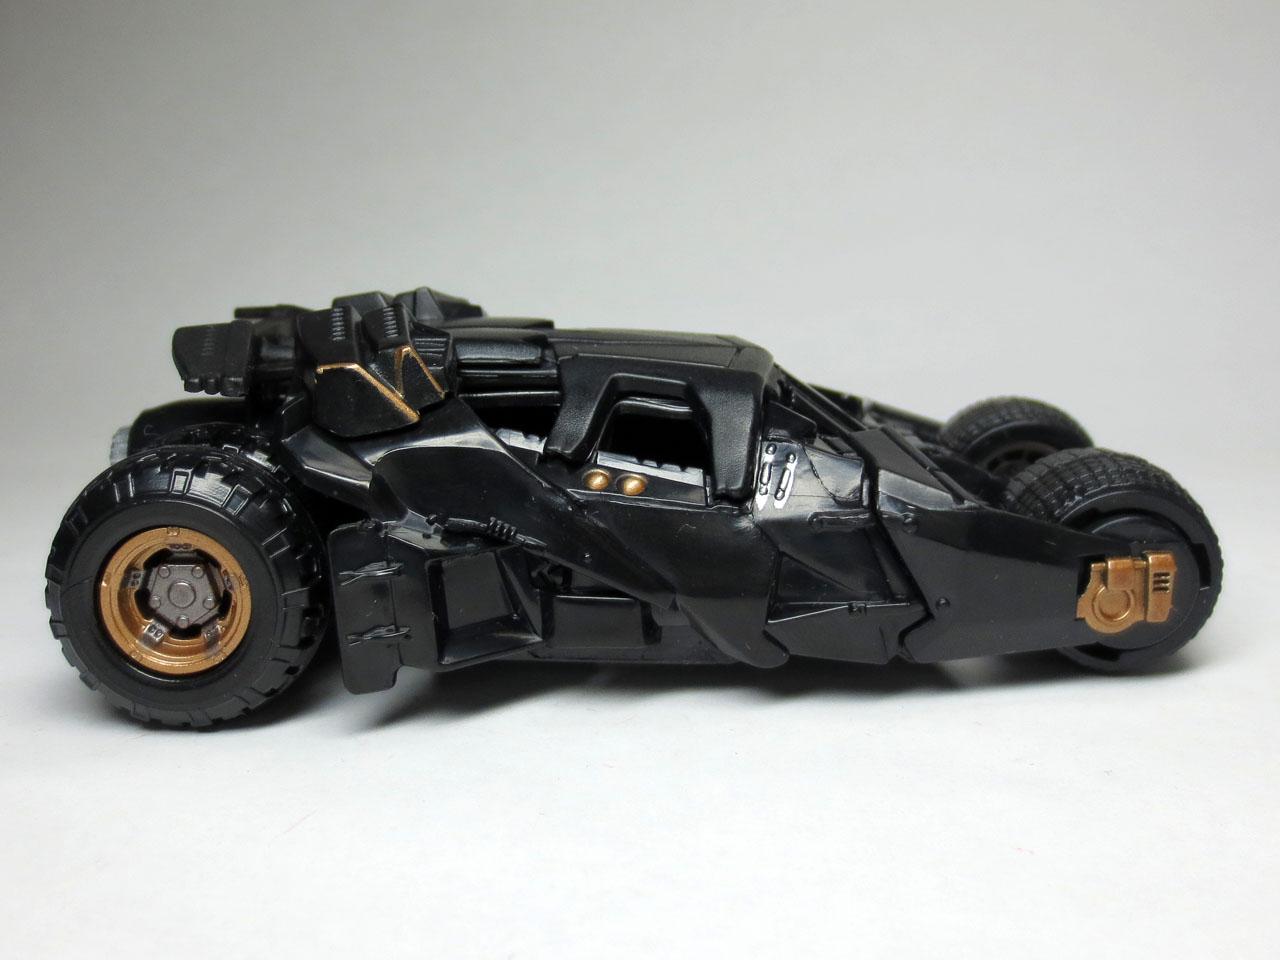 HW_custom_motors_batmobile_4th_11.jpg